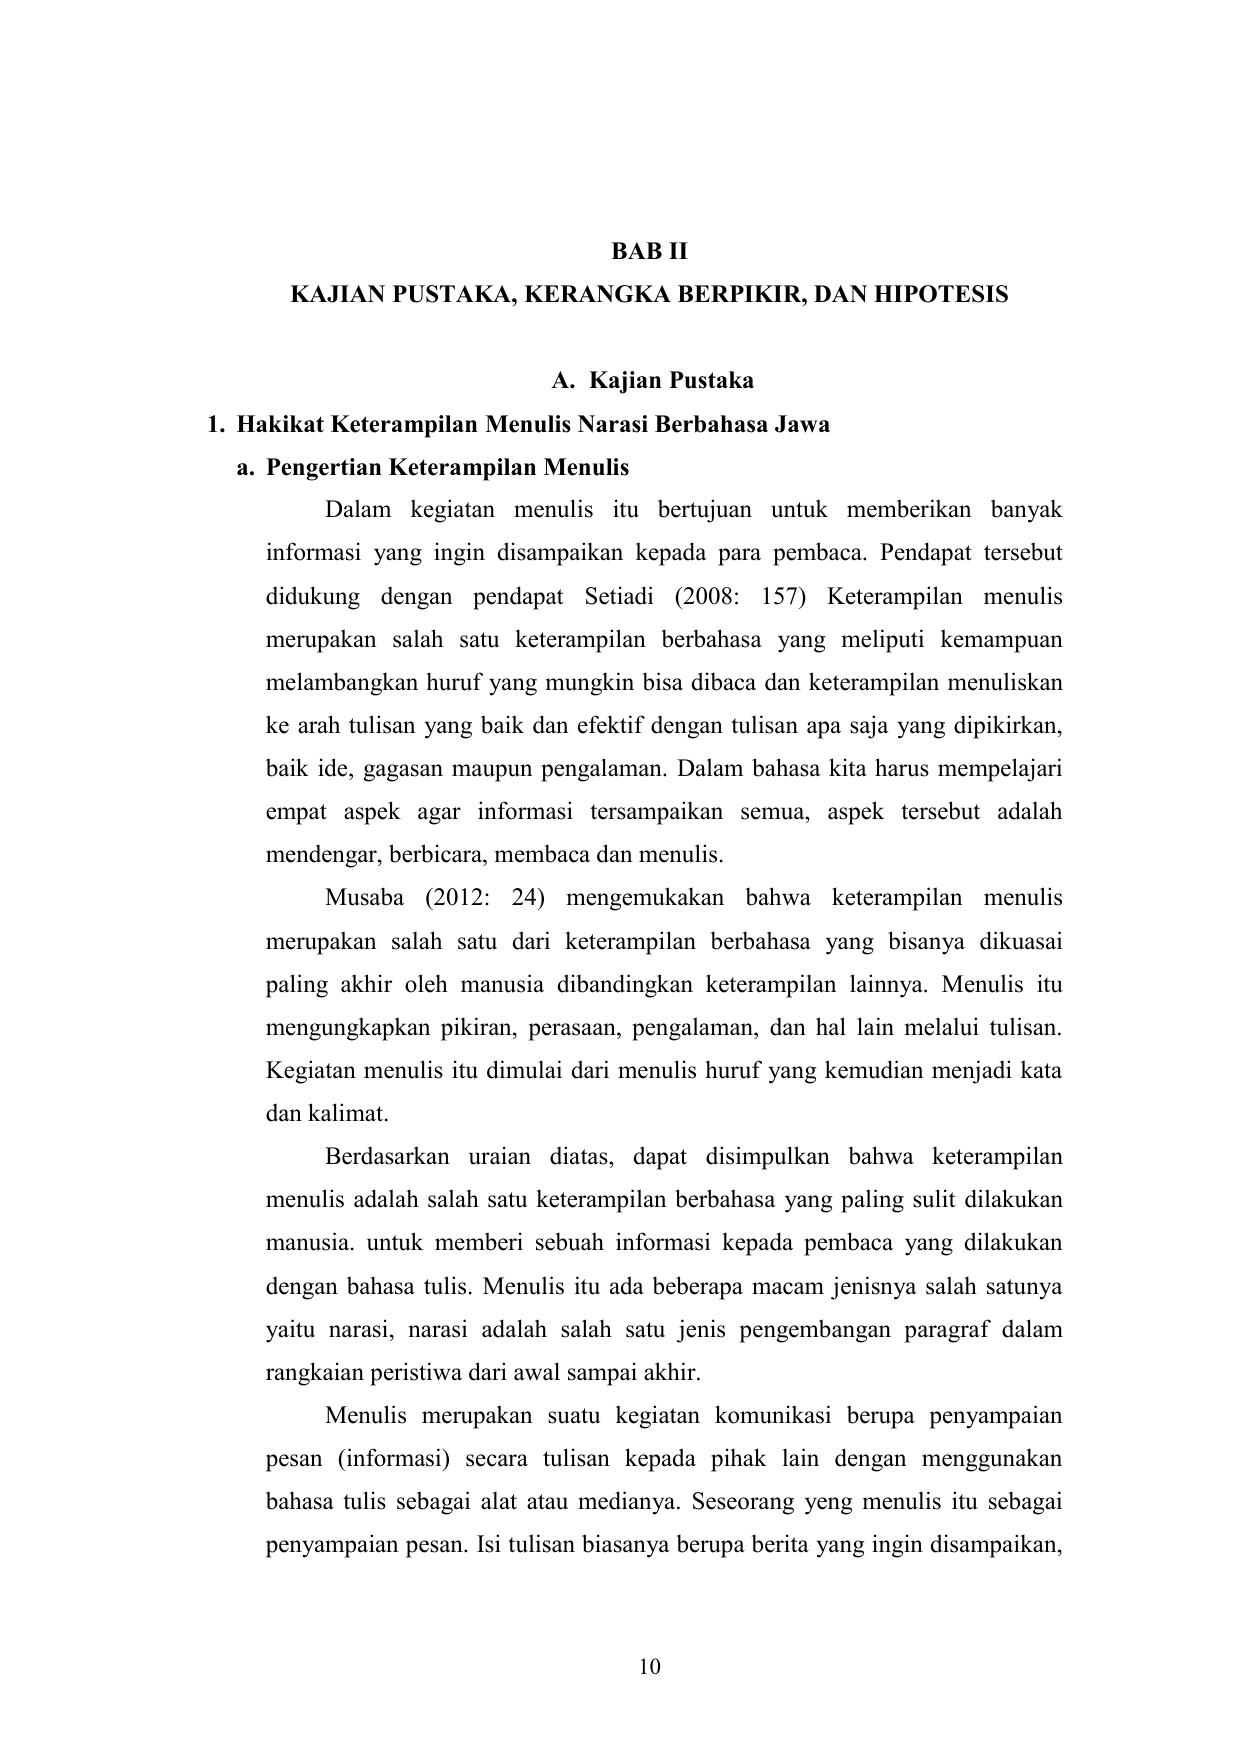 Contoh Narasi Bahasa Jawa Singkat - Aneka Macam Contoh